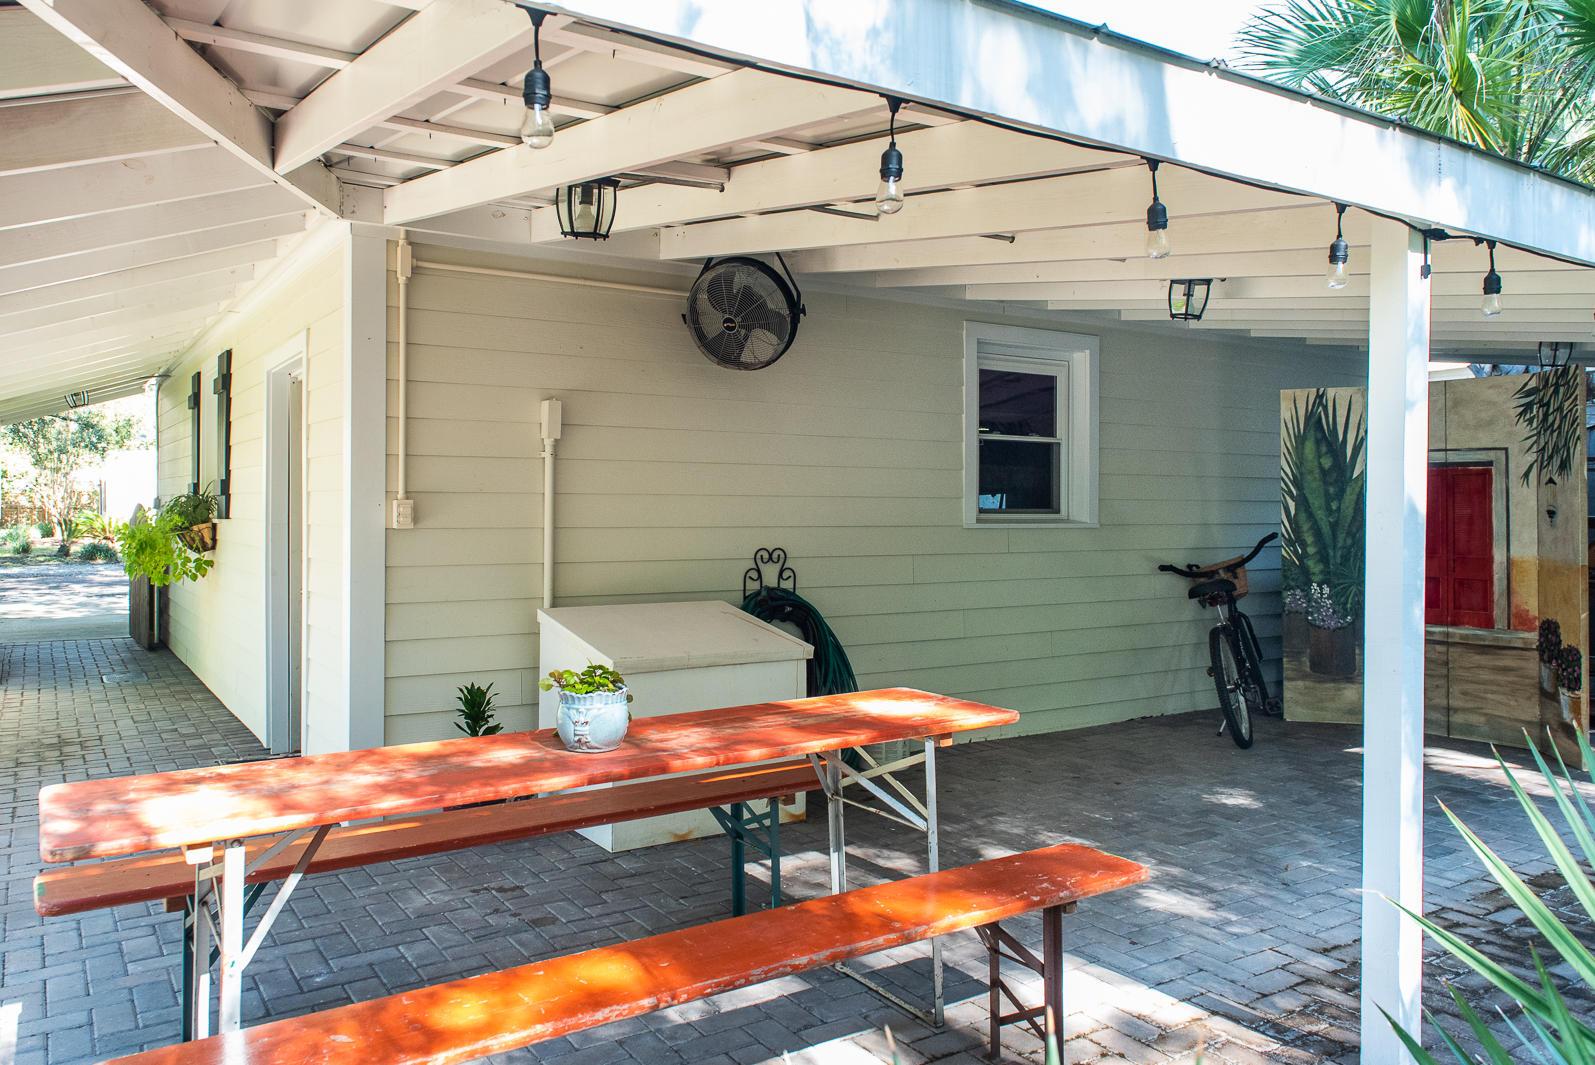 Old Mt Pleasant Homes For Sale - 1344 Fairmont, Mount Pleasant, SC - 65